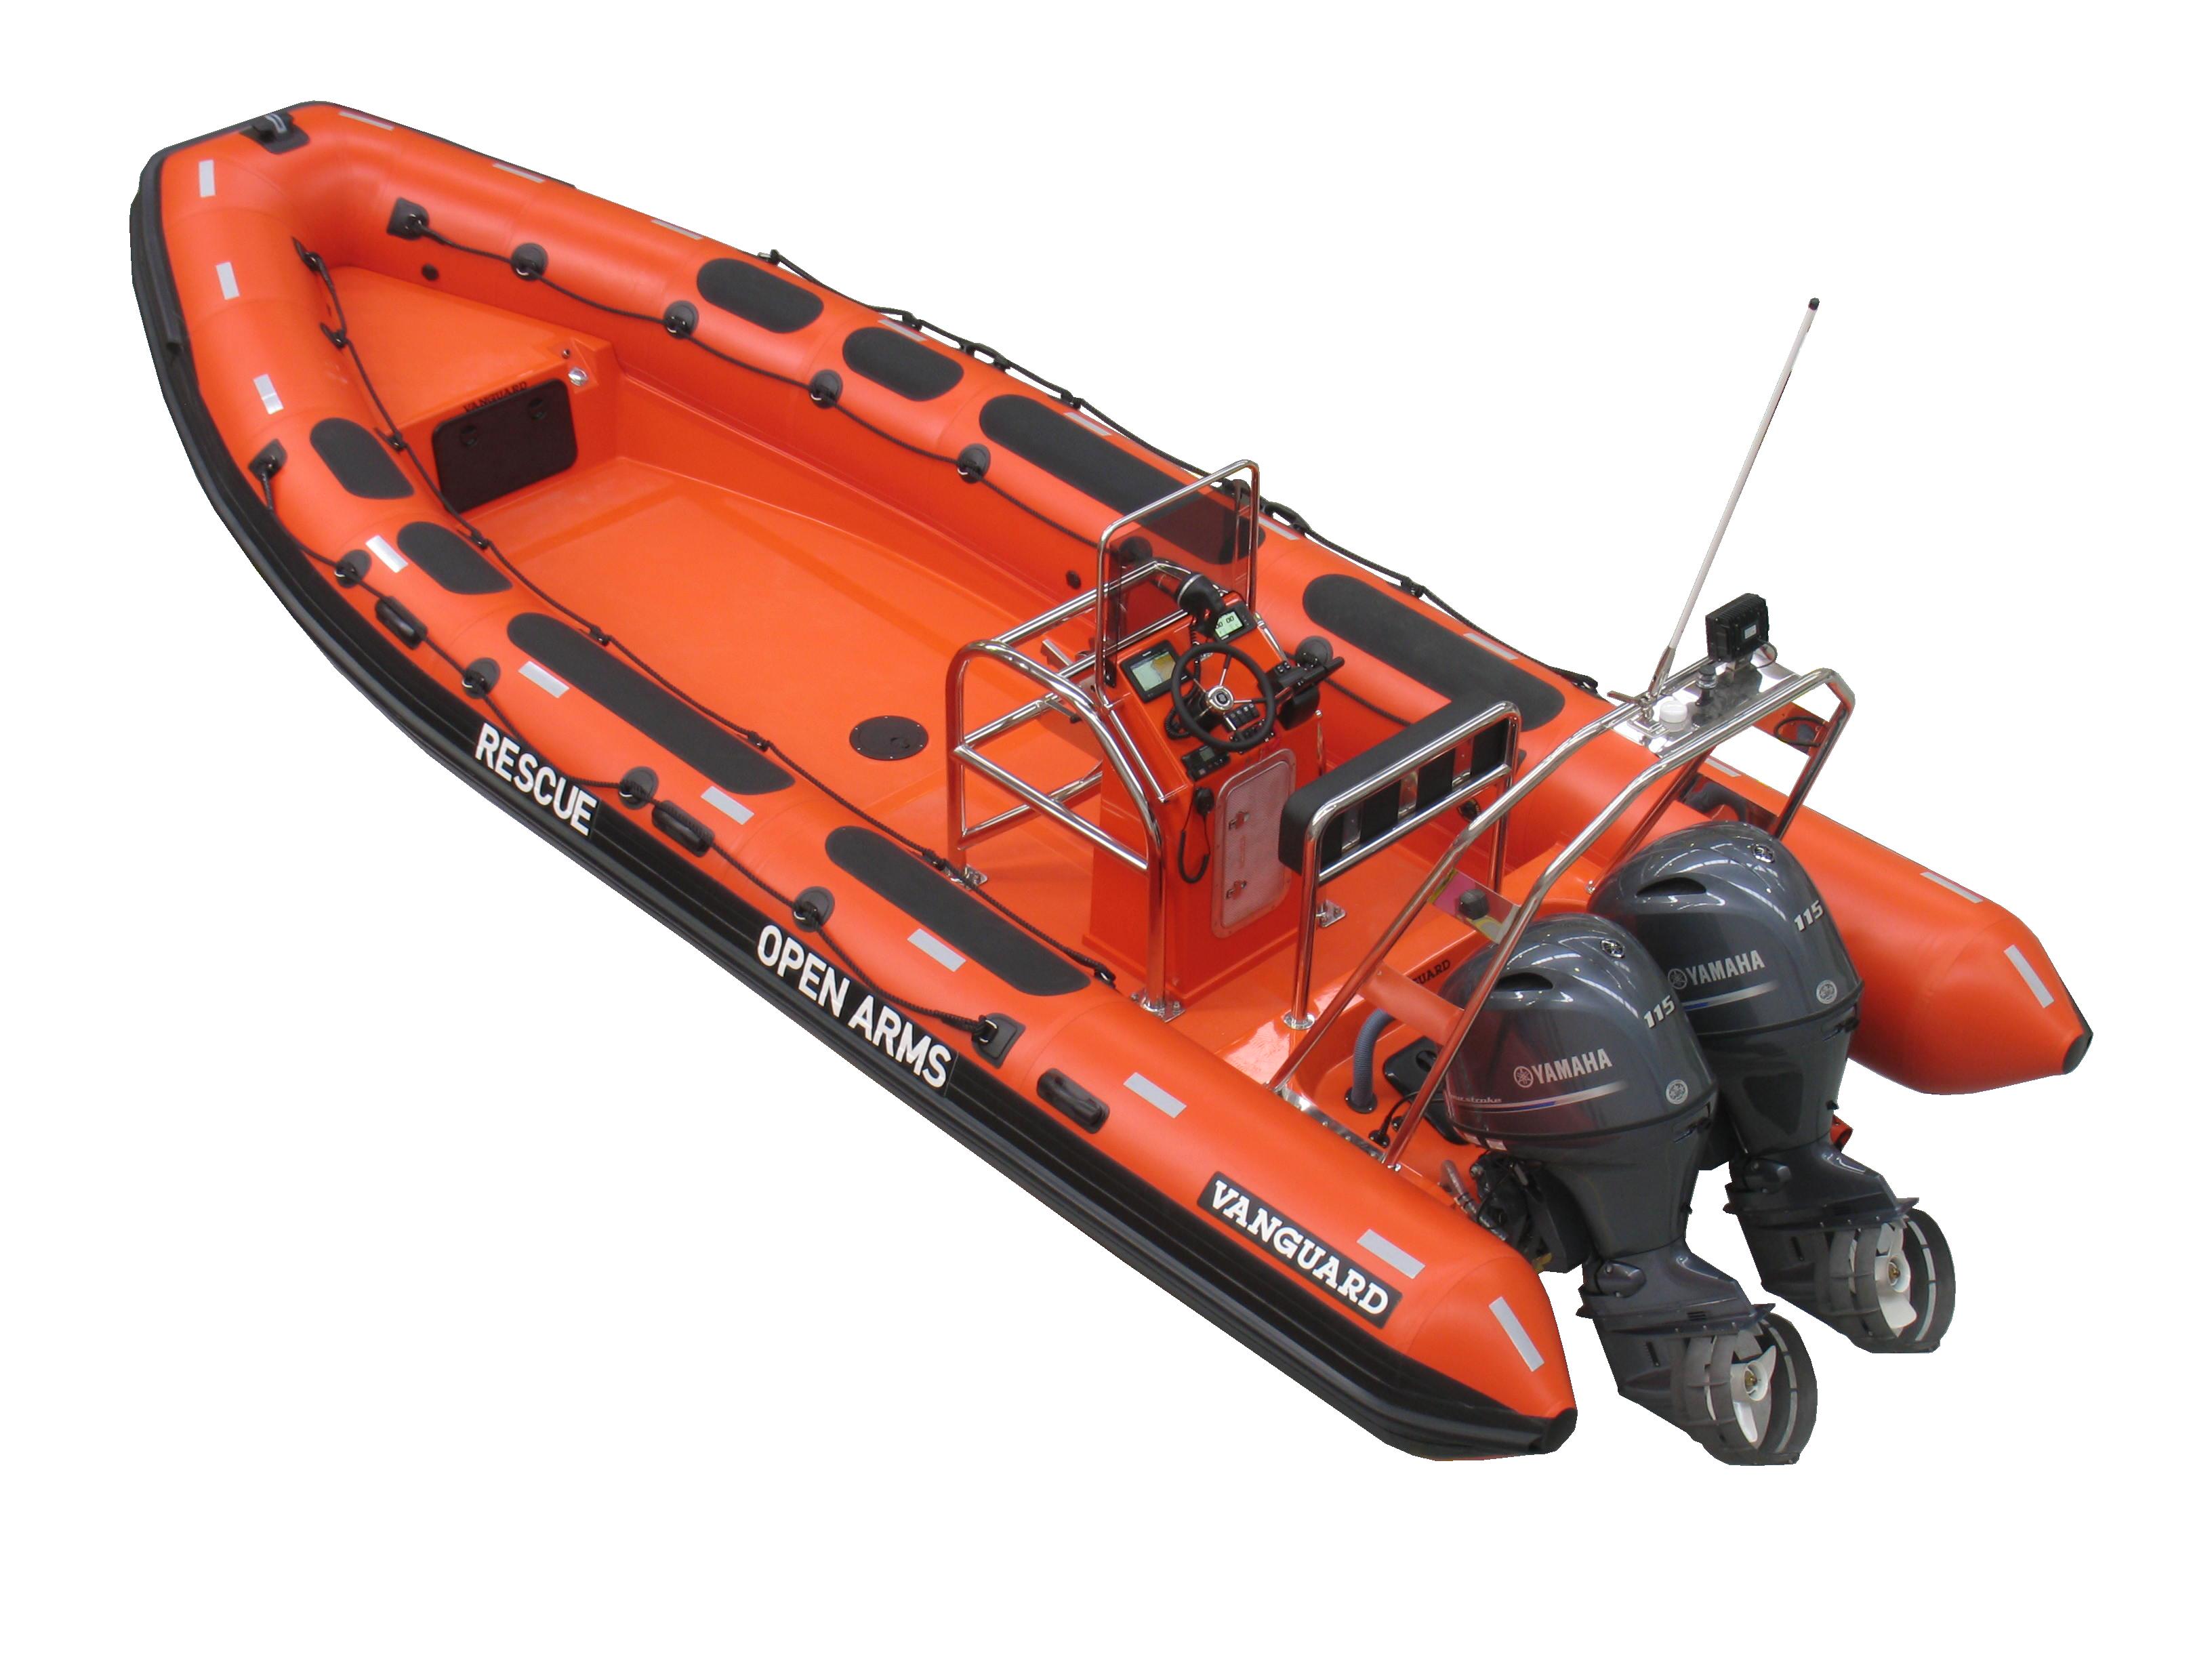 Vanguard entrega una nueva embarcación de rescate a Open Arms